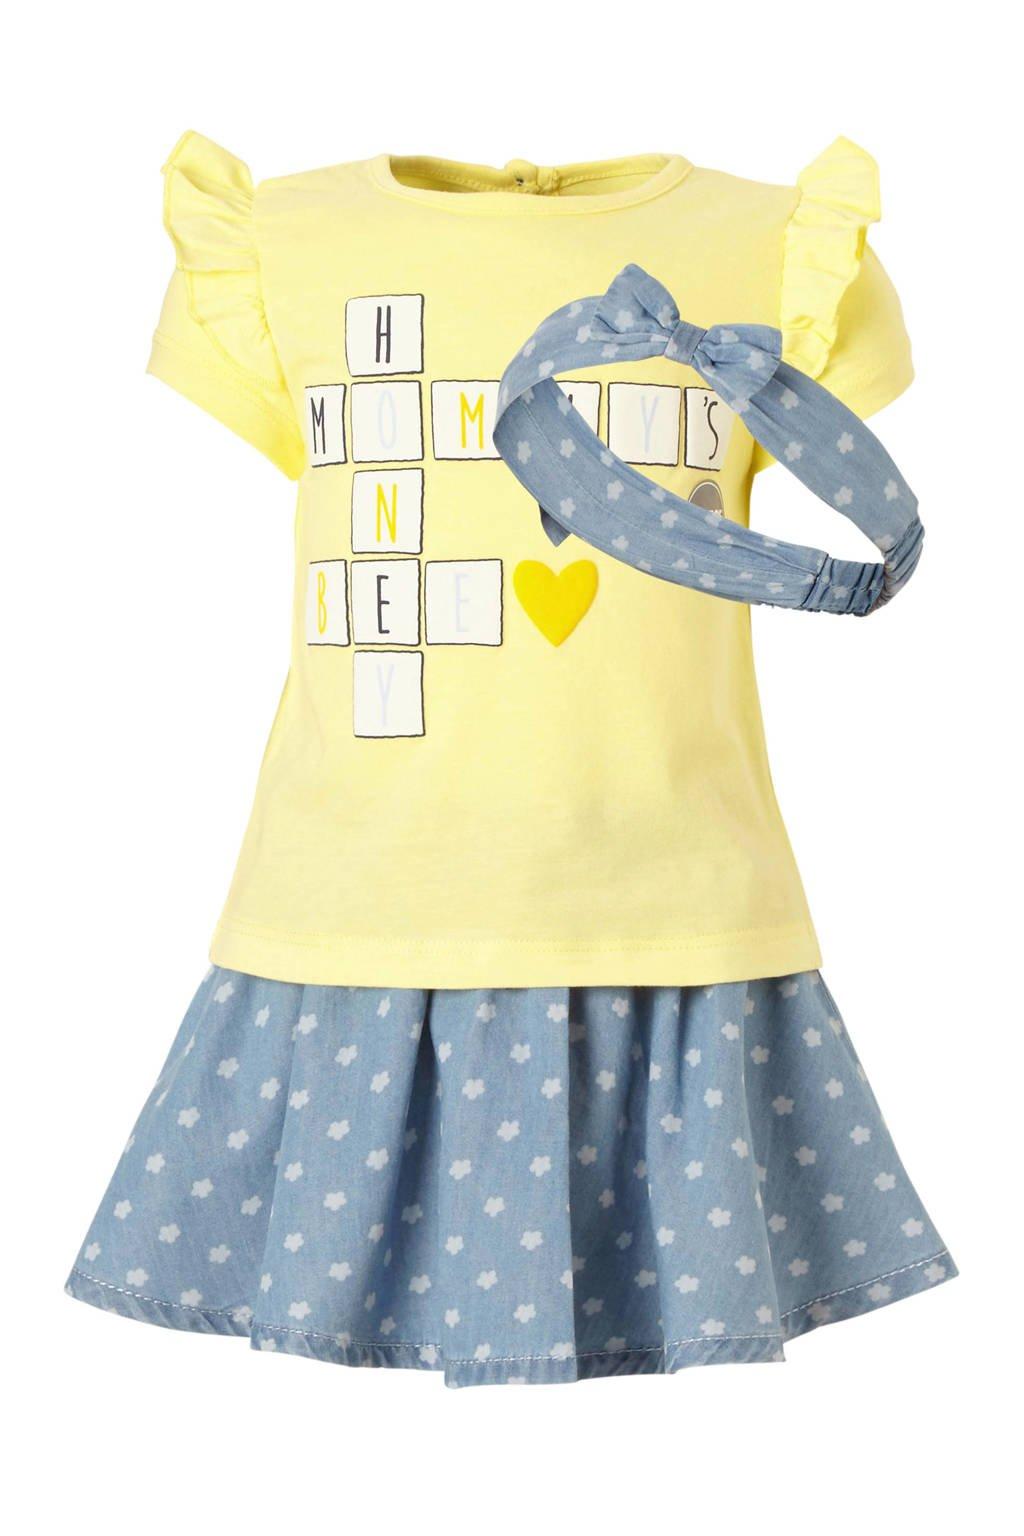 C&A Baby Club T-shirt + spijkerrok + haarband, Geel/denim blauw